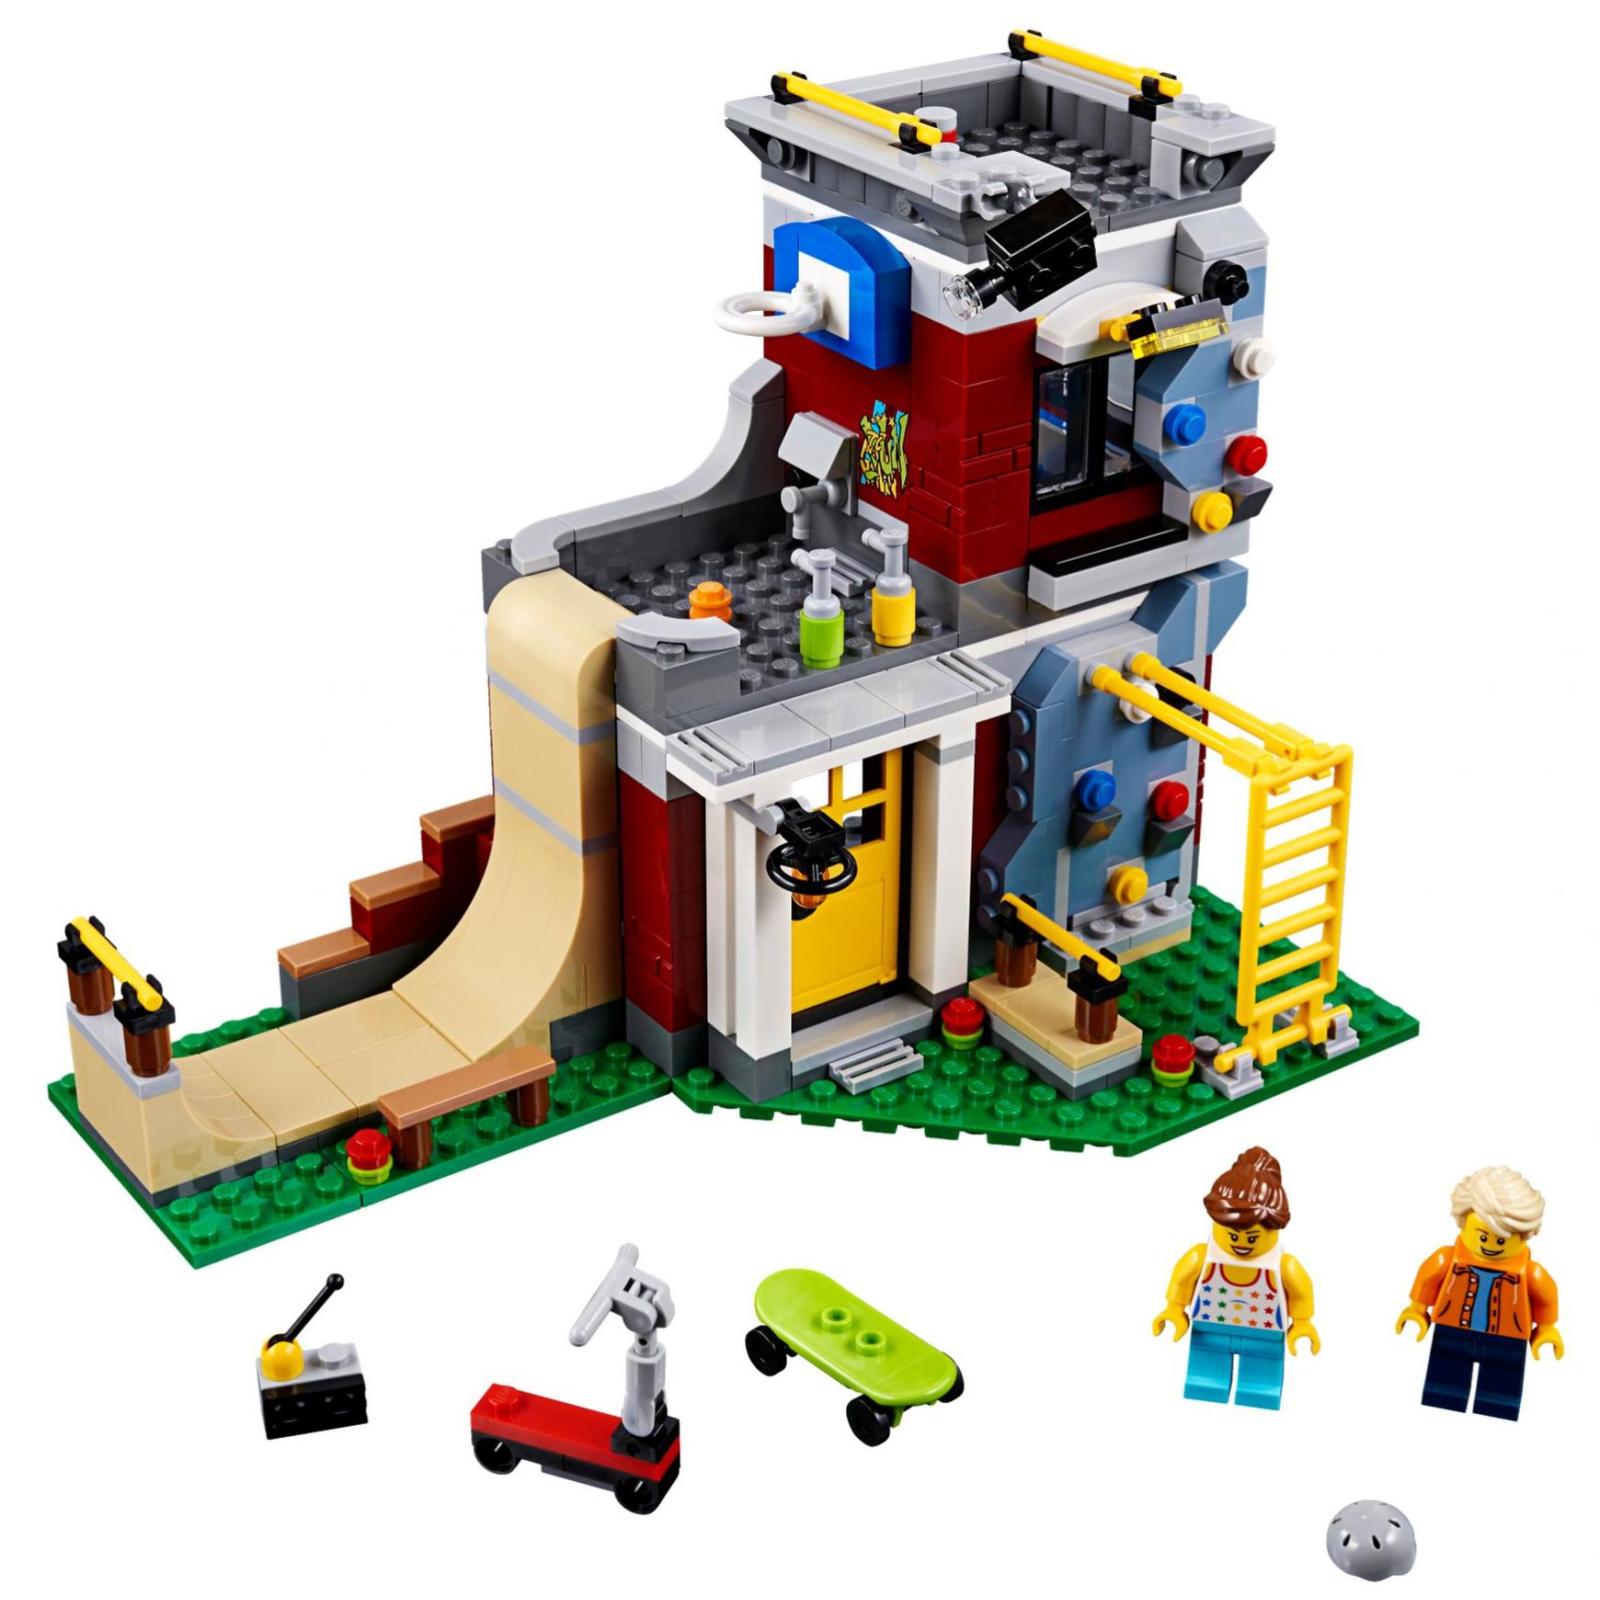 Конструктор LEGO Creator Модульный набор Каток (31081) изображение 2